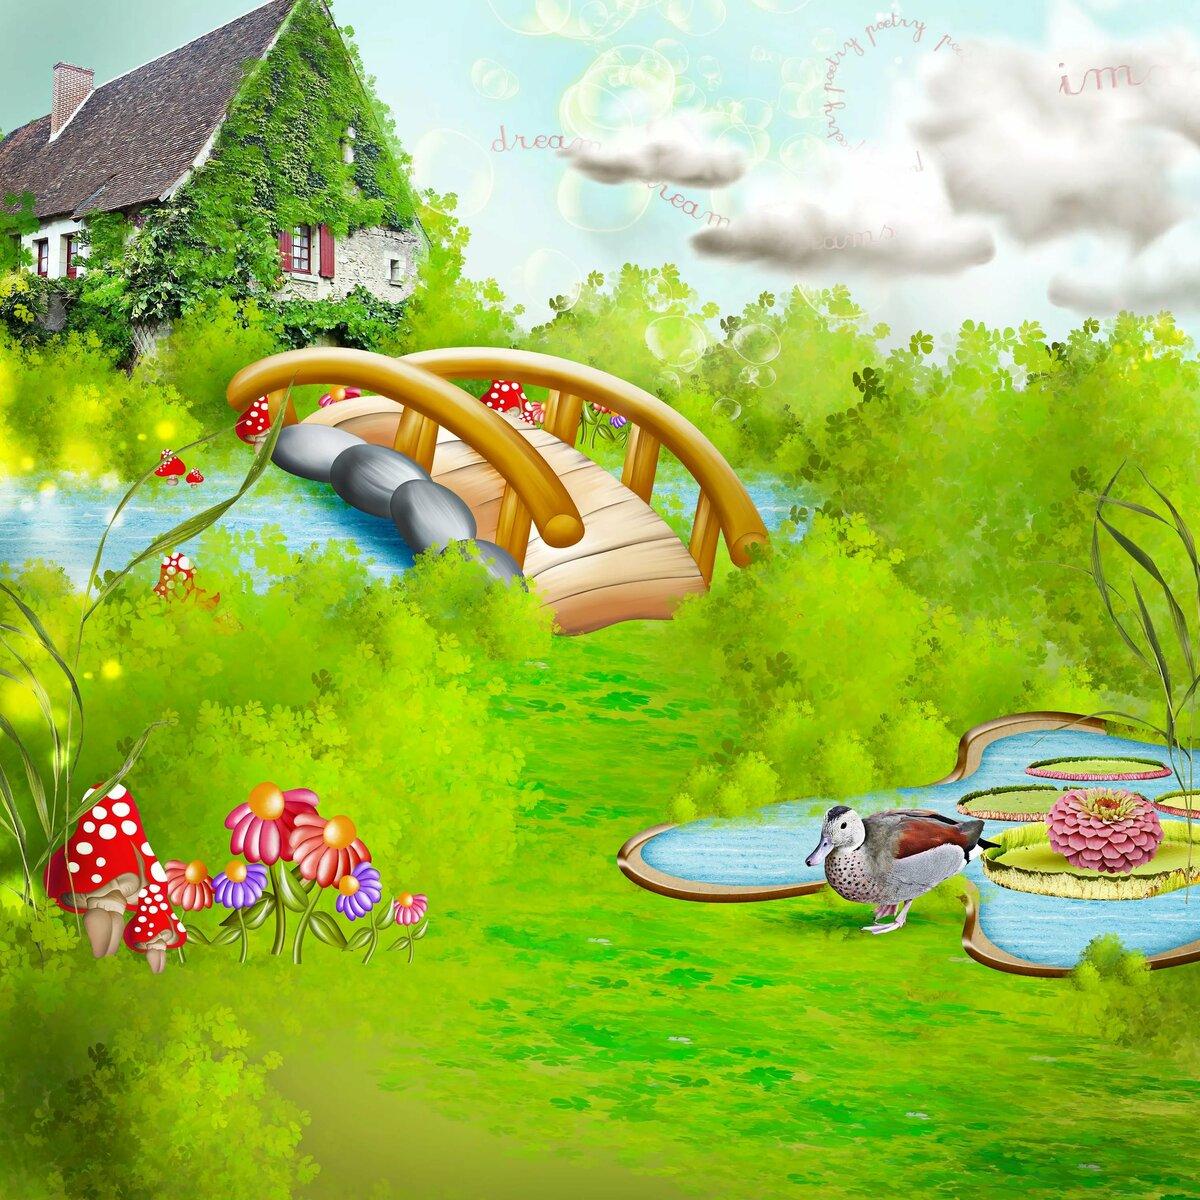 Природа картинки для детей с домиком